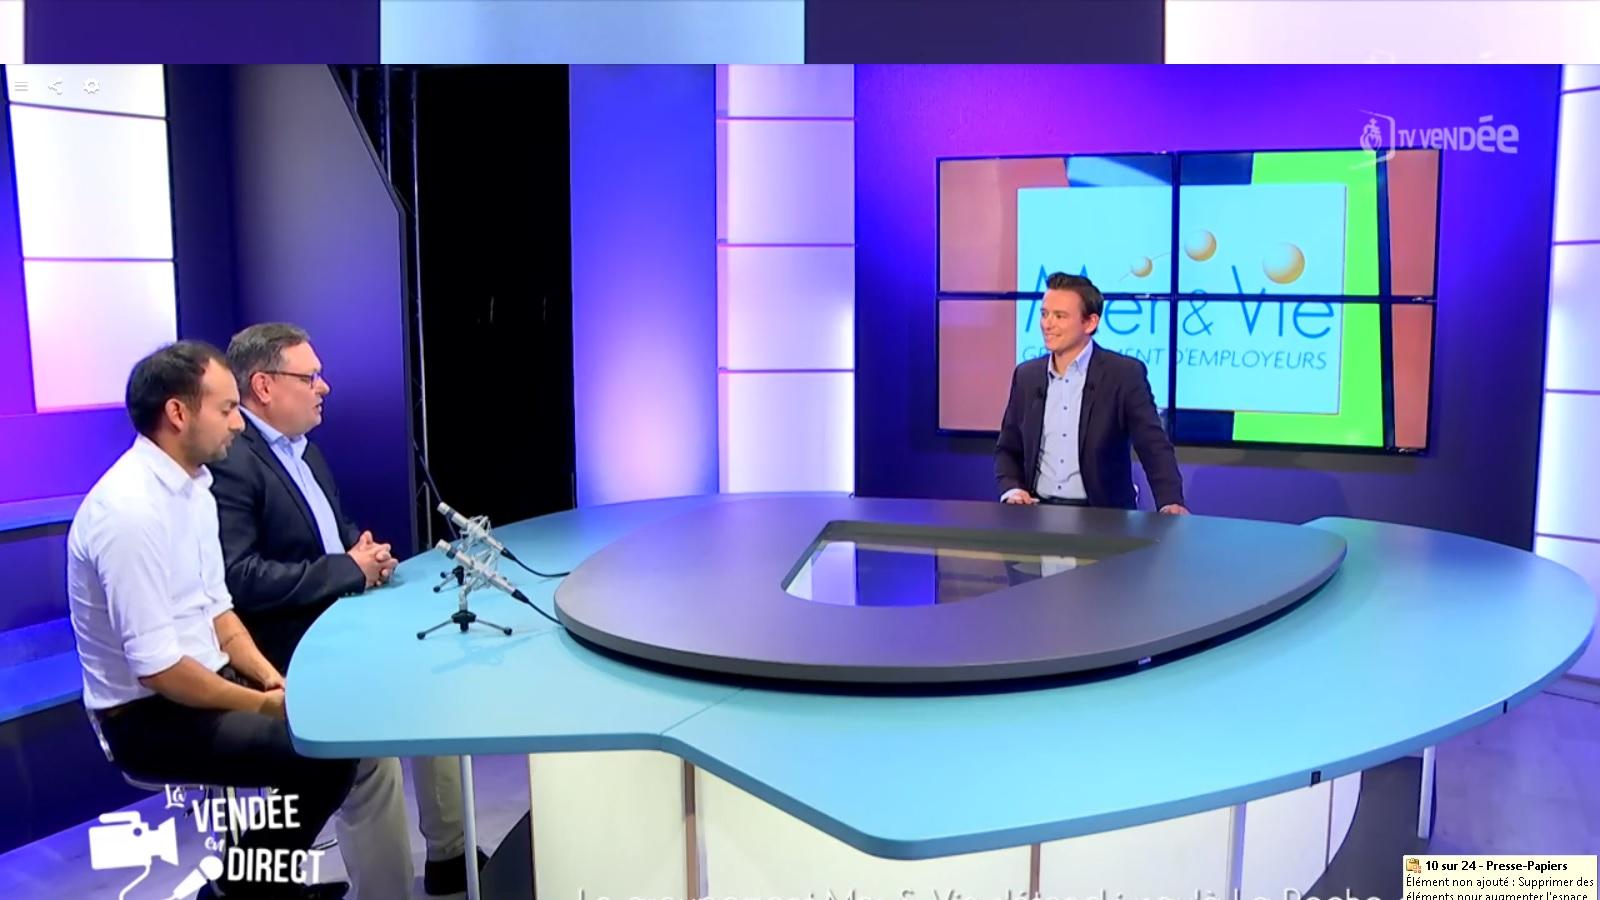 Interview du Groupement d'employeurs Mer & Vie sur TV Vendée - Le GE Mer & Vie spécialiste du temps partagé et des compétences mutualisées sur les secteurs de Saint Gilles Croix de Vie, Aizenay et la Roche-sur-Yon